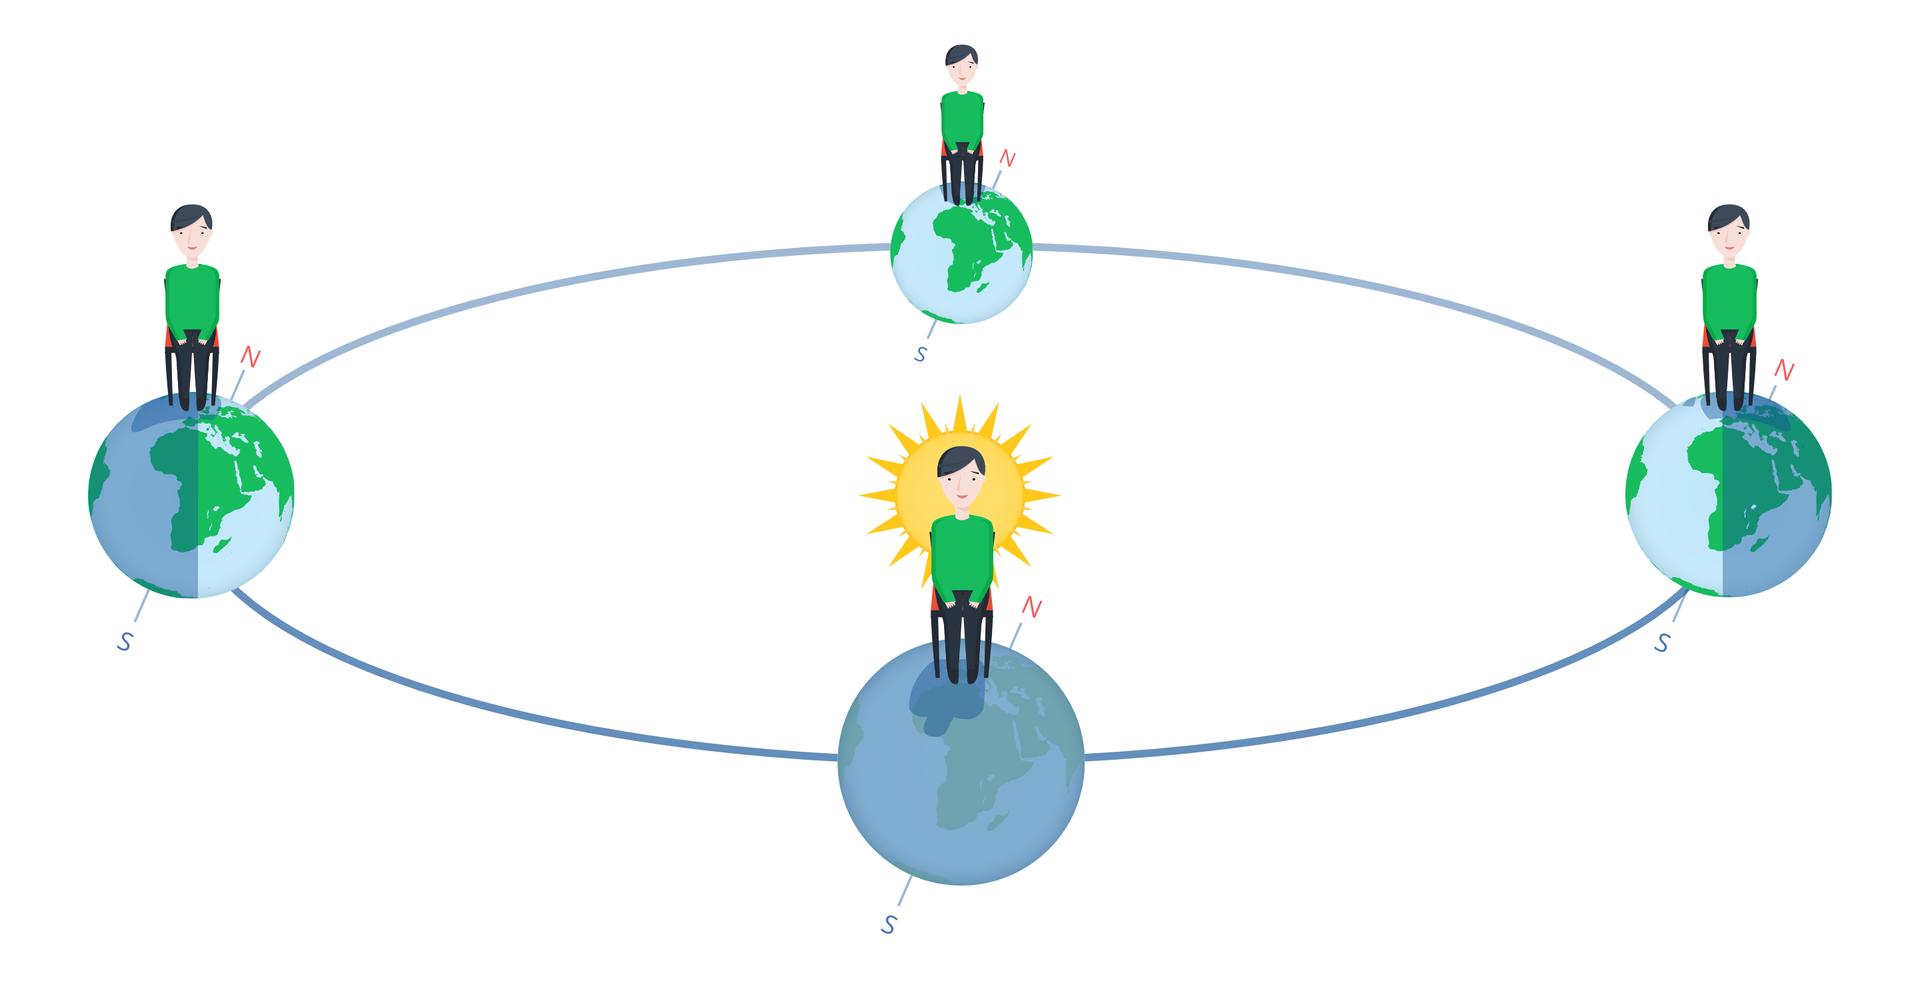 Ilustracja przedstawia obieg Ziemi wokół Słońca. Tło białe. Na środku żółte słońce. Wokół słońca elipsa. Na elipsie cztery kule (imitujące Ziemię). Każda na dwóch końcach obu półosi. Na każdej narysowano takiego samego, siedzącego na krześle, chłopca.